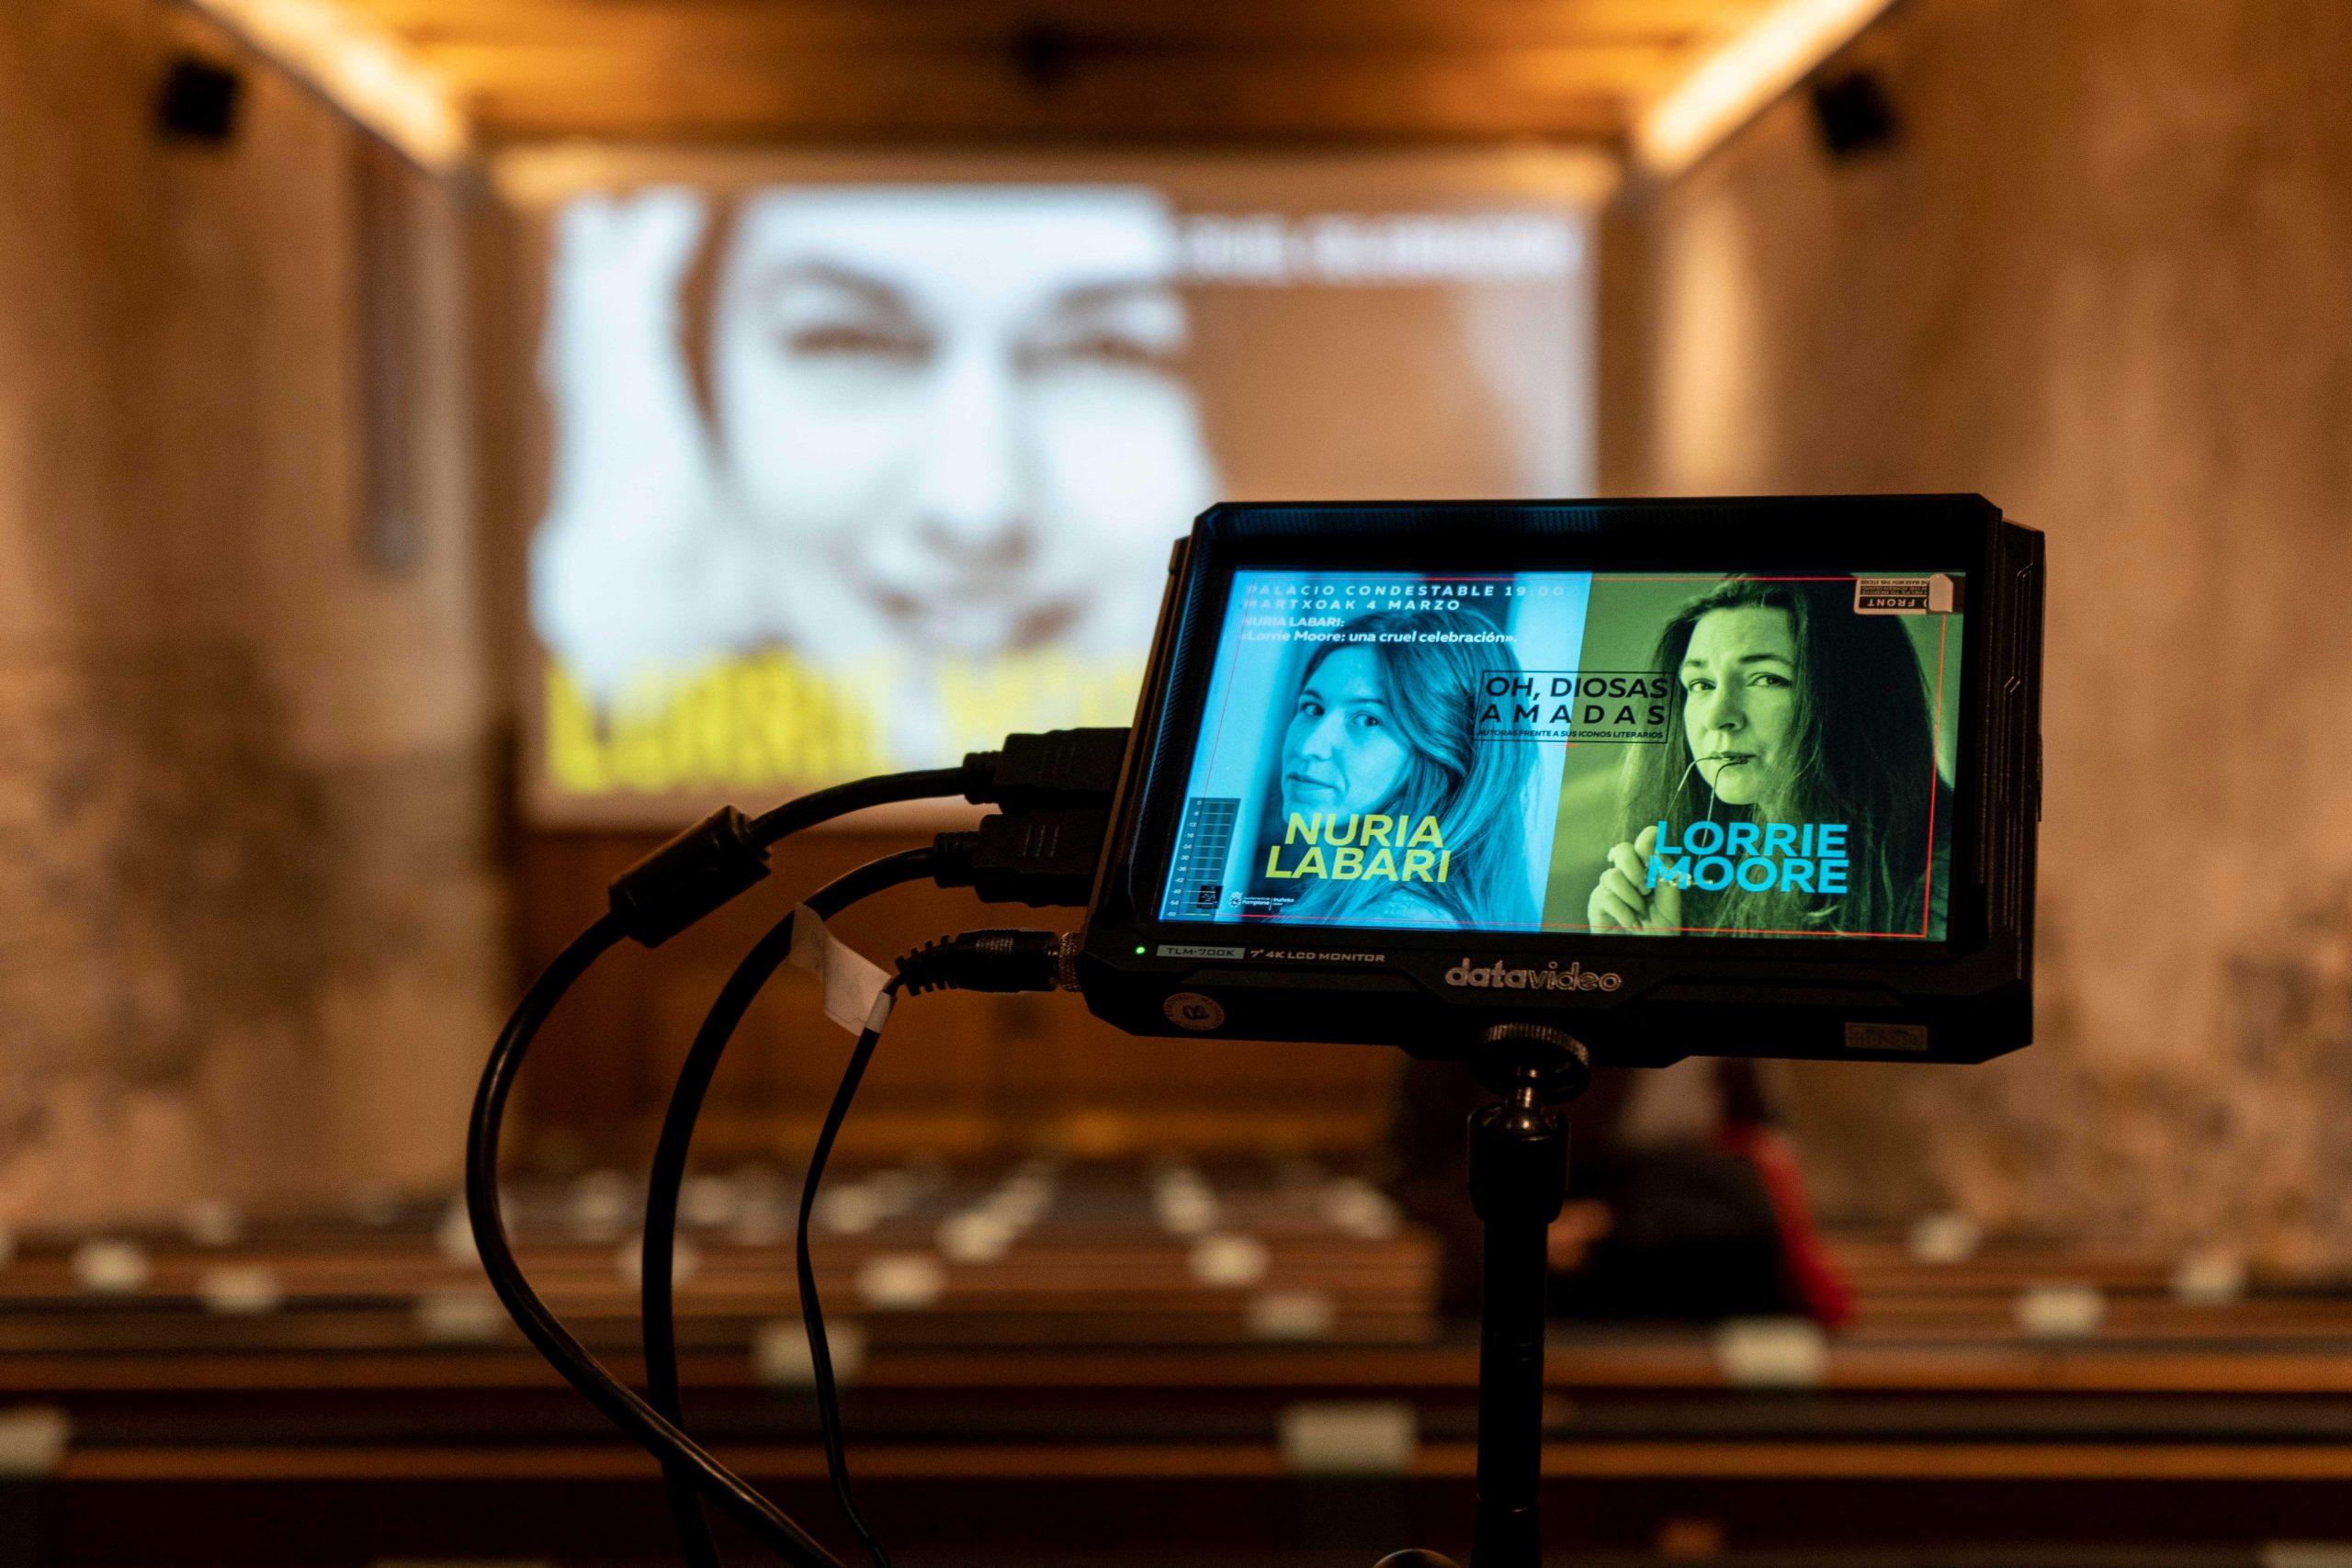 Monitor de cámara con proyección de fondo de Lorrie Moore antes de la conferencia de Nuria Labari durante el ciclo Oh , diosas amadas.